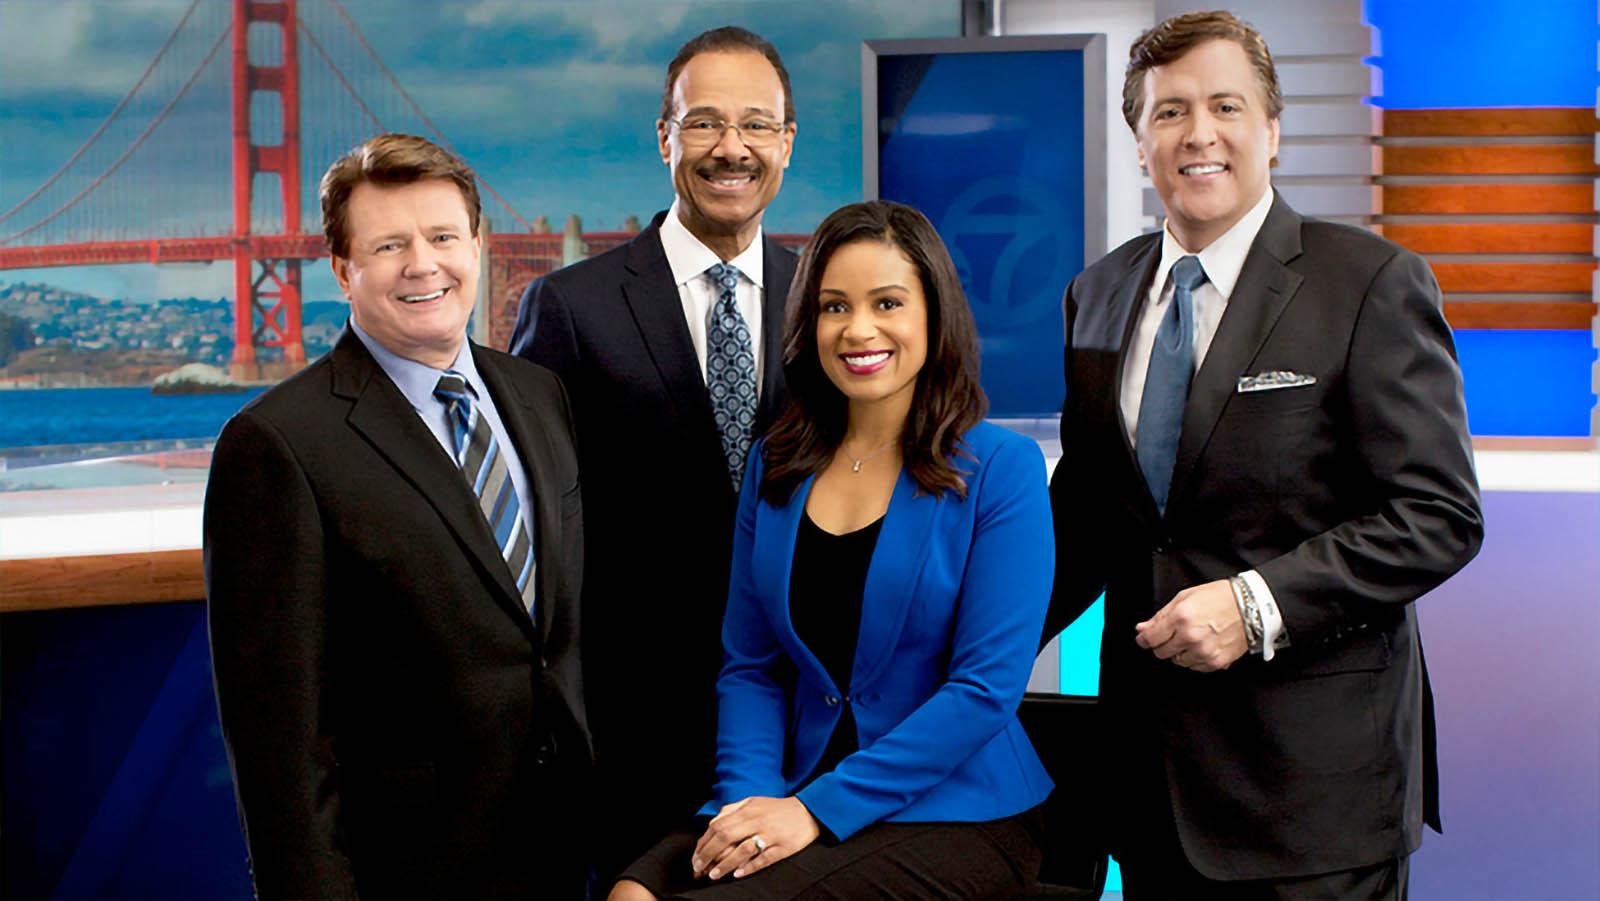 KGO TV News Team